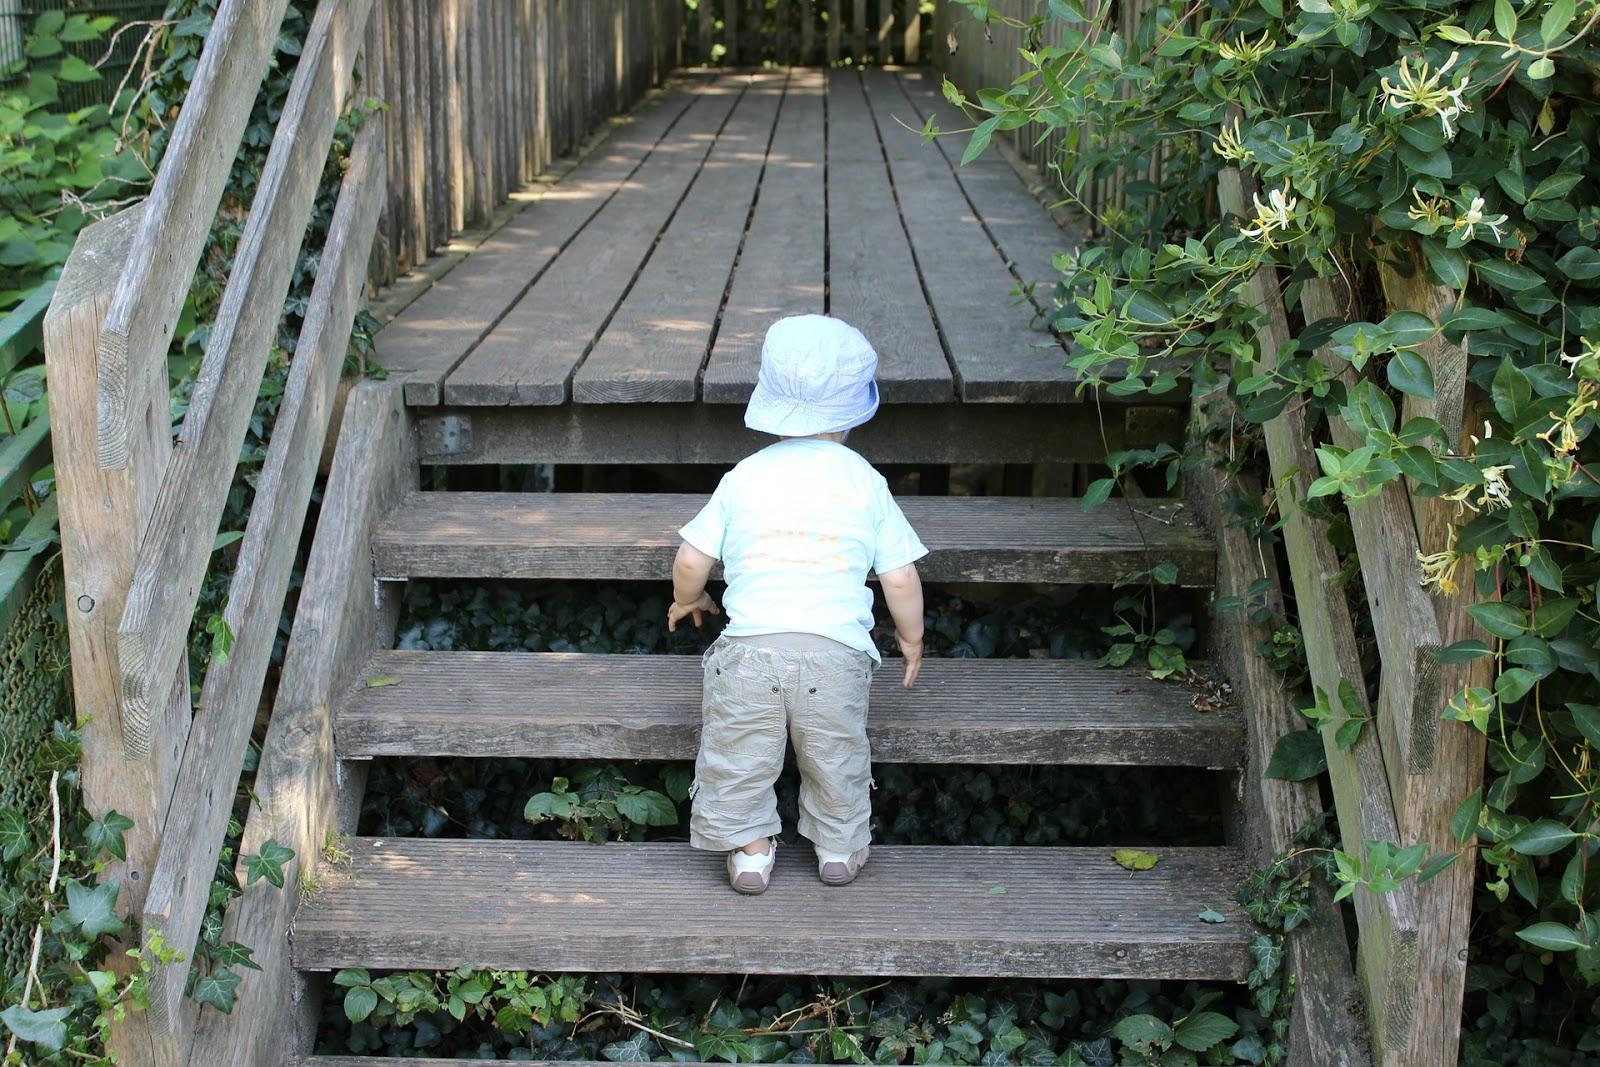 mein kind will nicht allein die treppe hochlaufen und. Black Bedroom Furniture Sets. Home Design Ideas